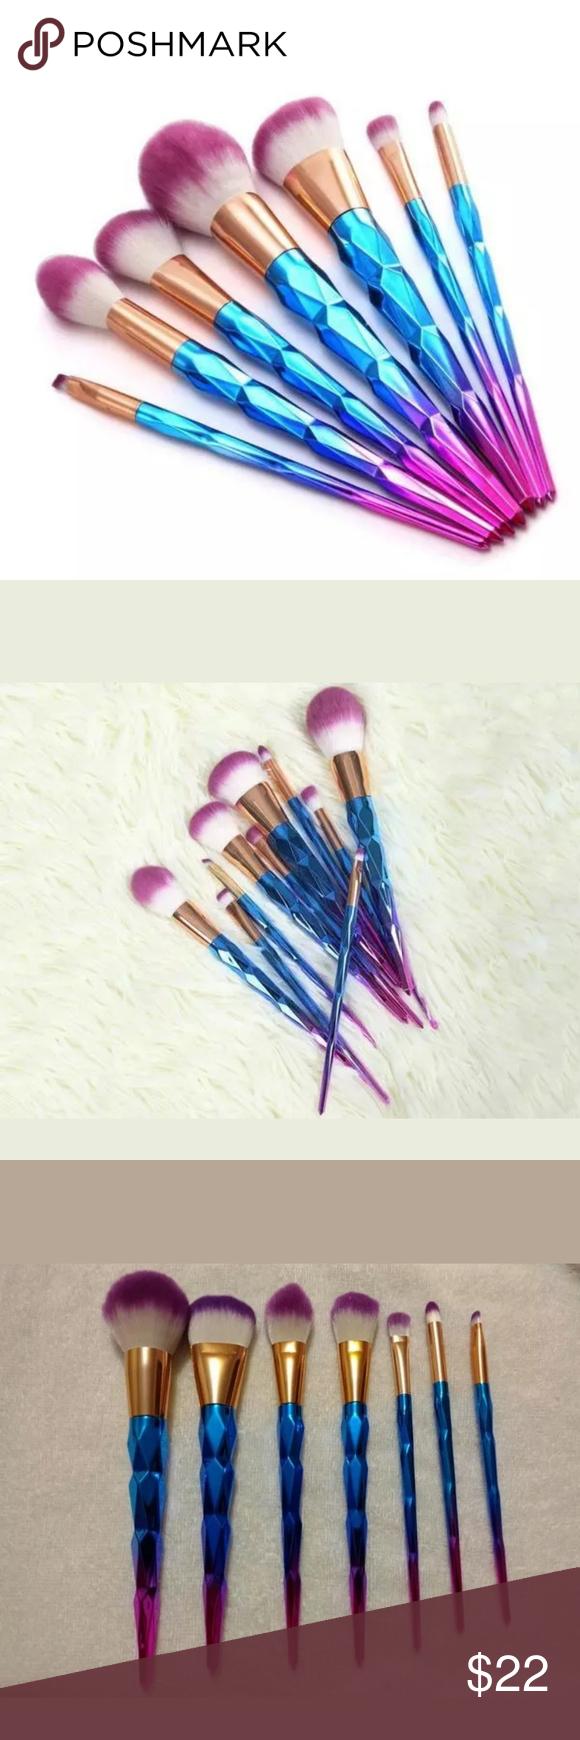 Lush Rainbow Unicorn Makeup Brush Set 7 Brushes Unicorn